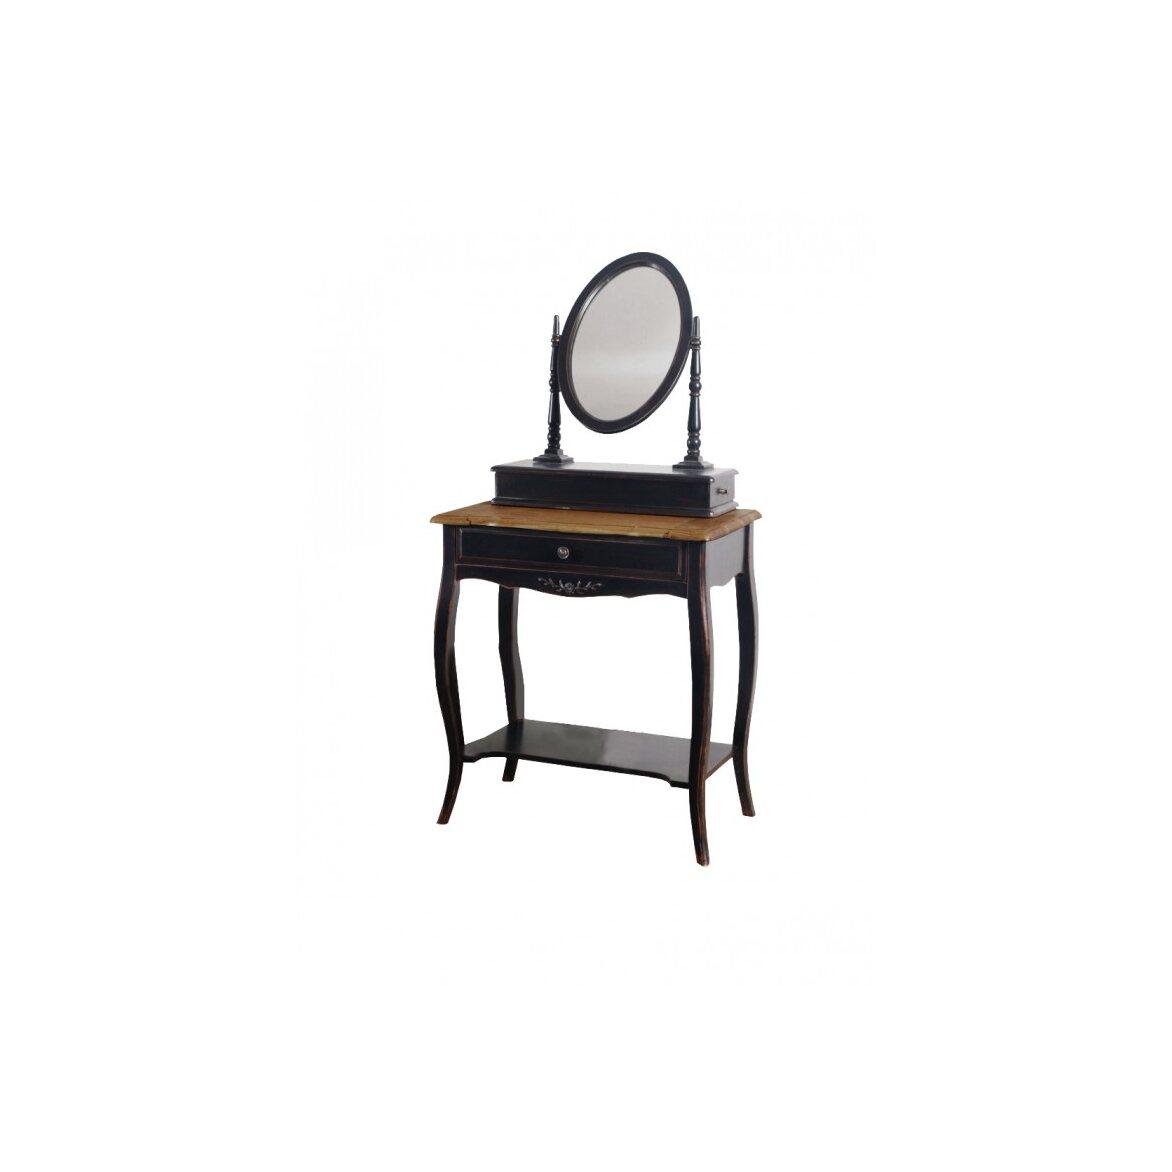 Туалетный столик с овальным зеркалом Leontina, черного цвета | Туалетные столики Kingsby